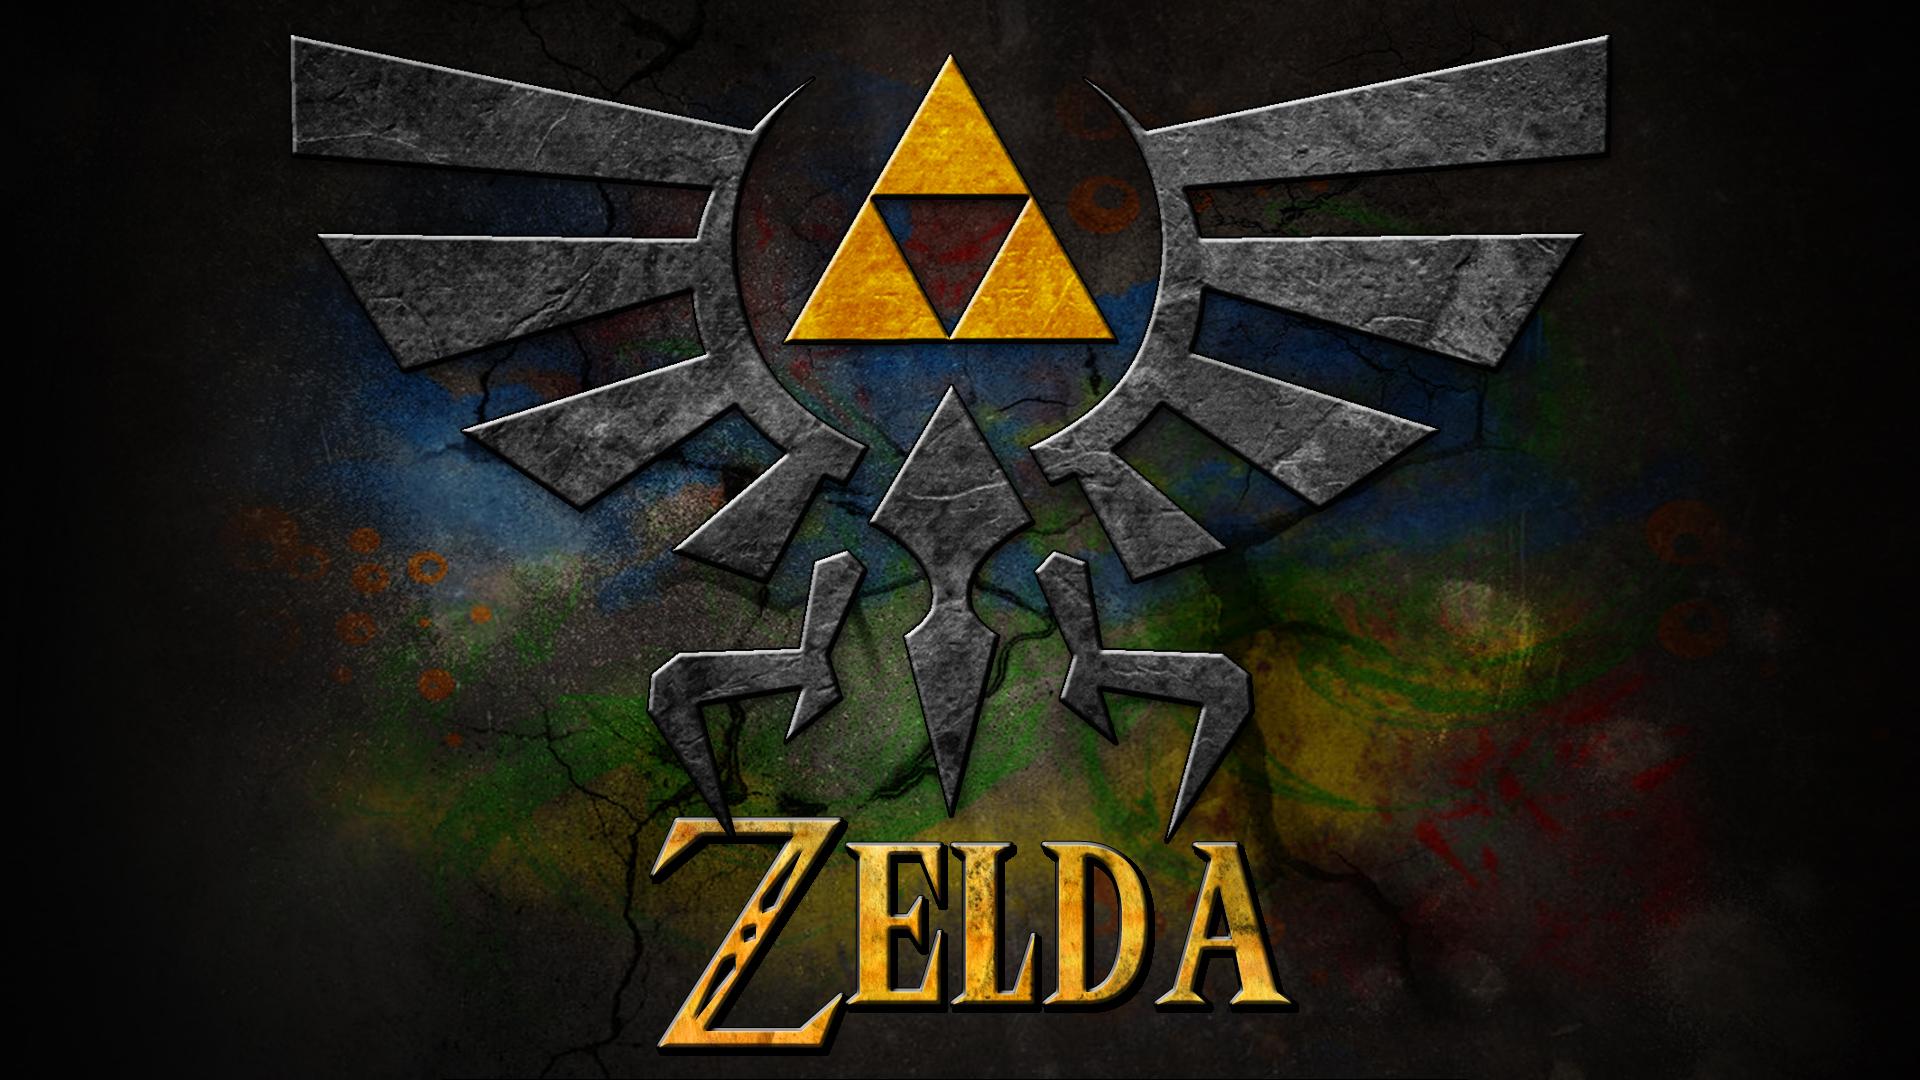 The Legend Of Zelda Wallpaper Hd Zelda Logo Wallpaper Pixelstalk Net